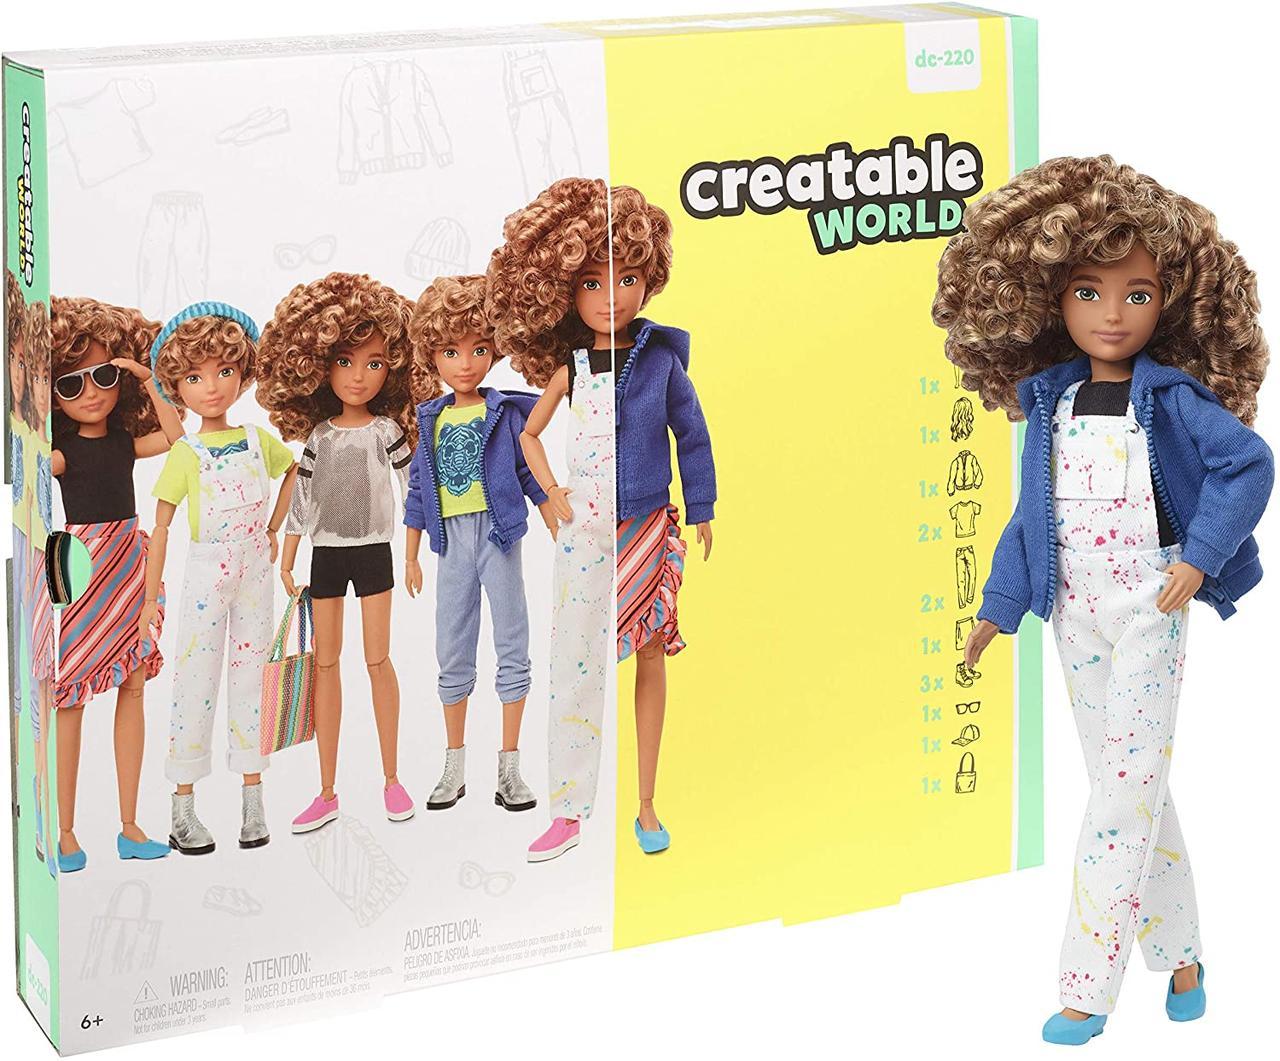 Оригинальный Набор из серии Создаваемый мир кукла со светлыми вьющимися волосами (GGG56) (887961778366)